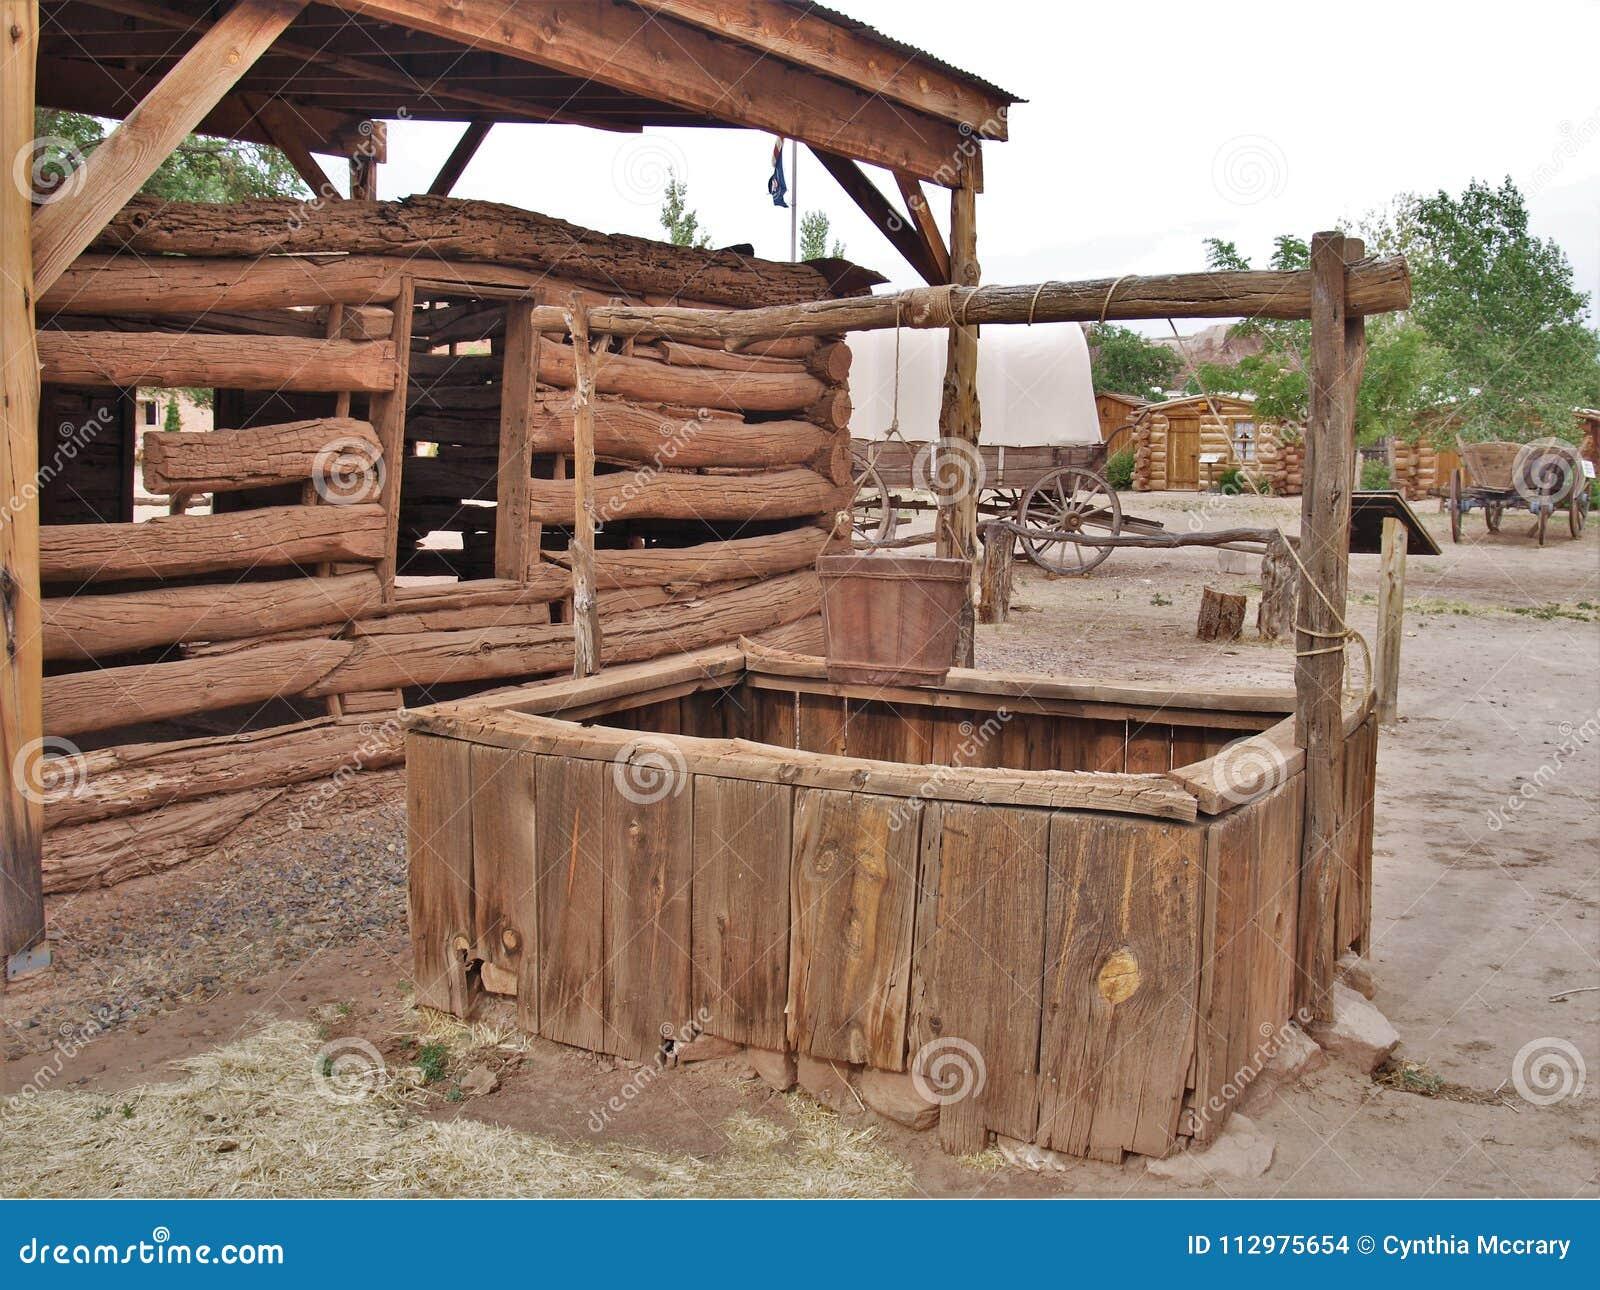 Bluff Fort Historic Site in Bluff, Utah